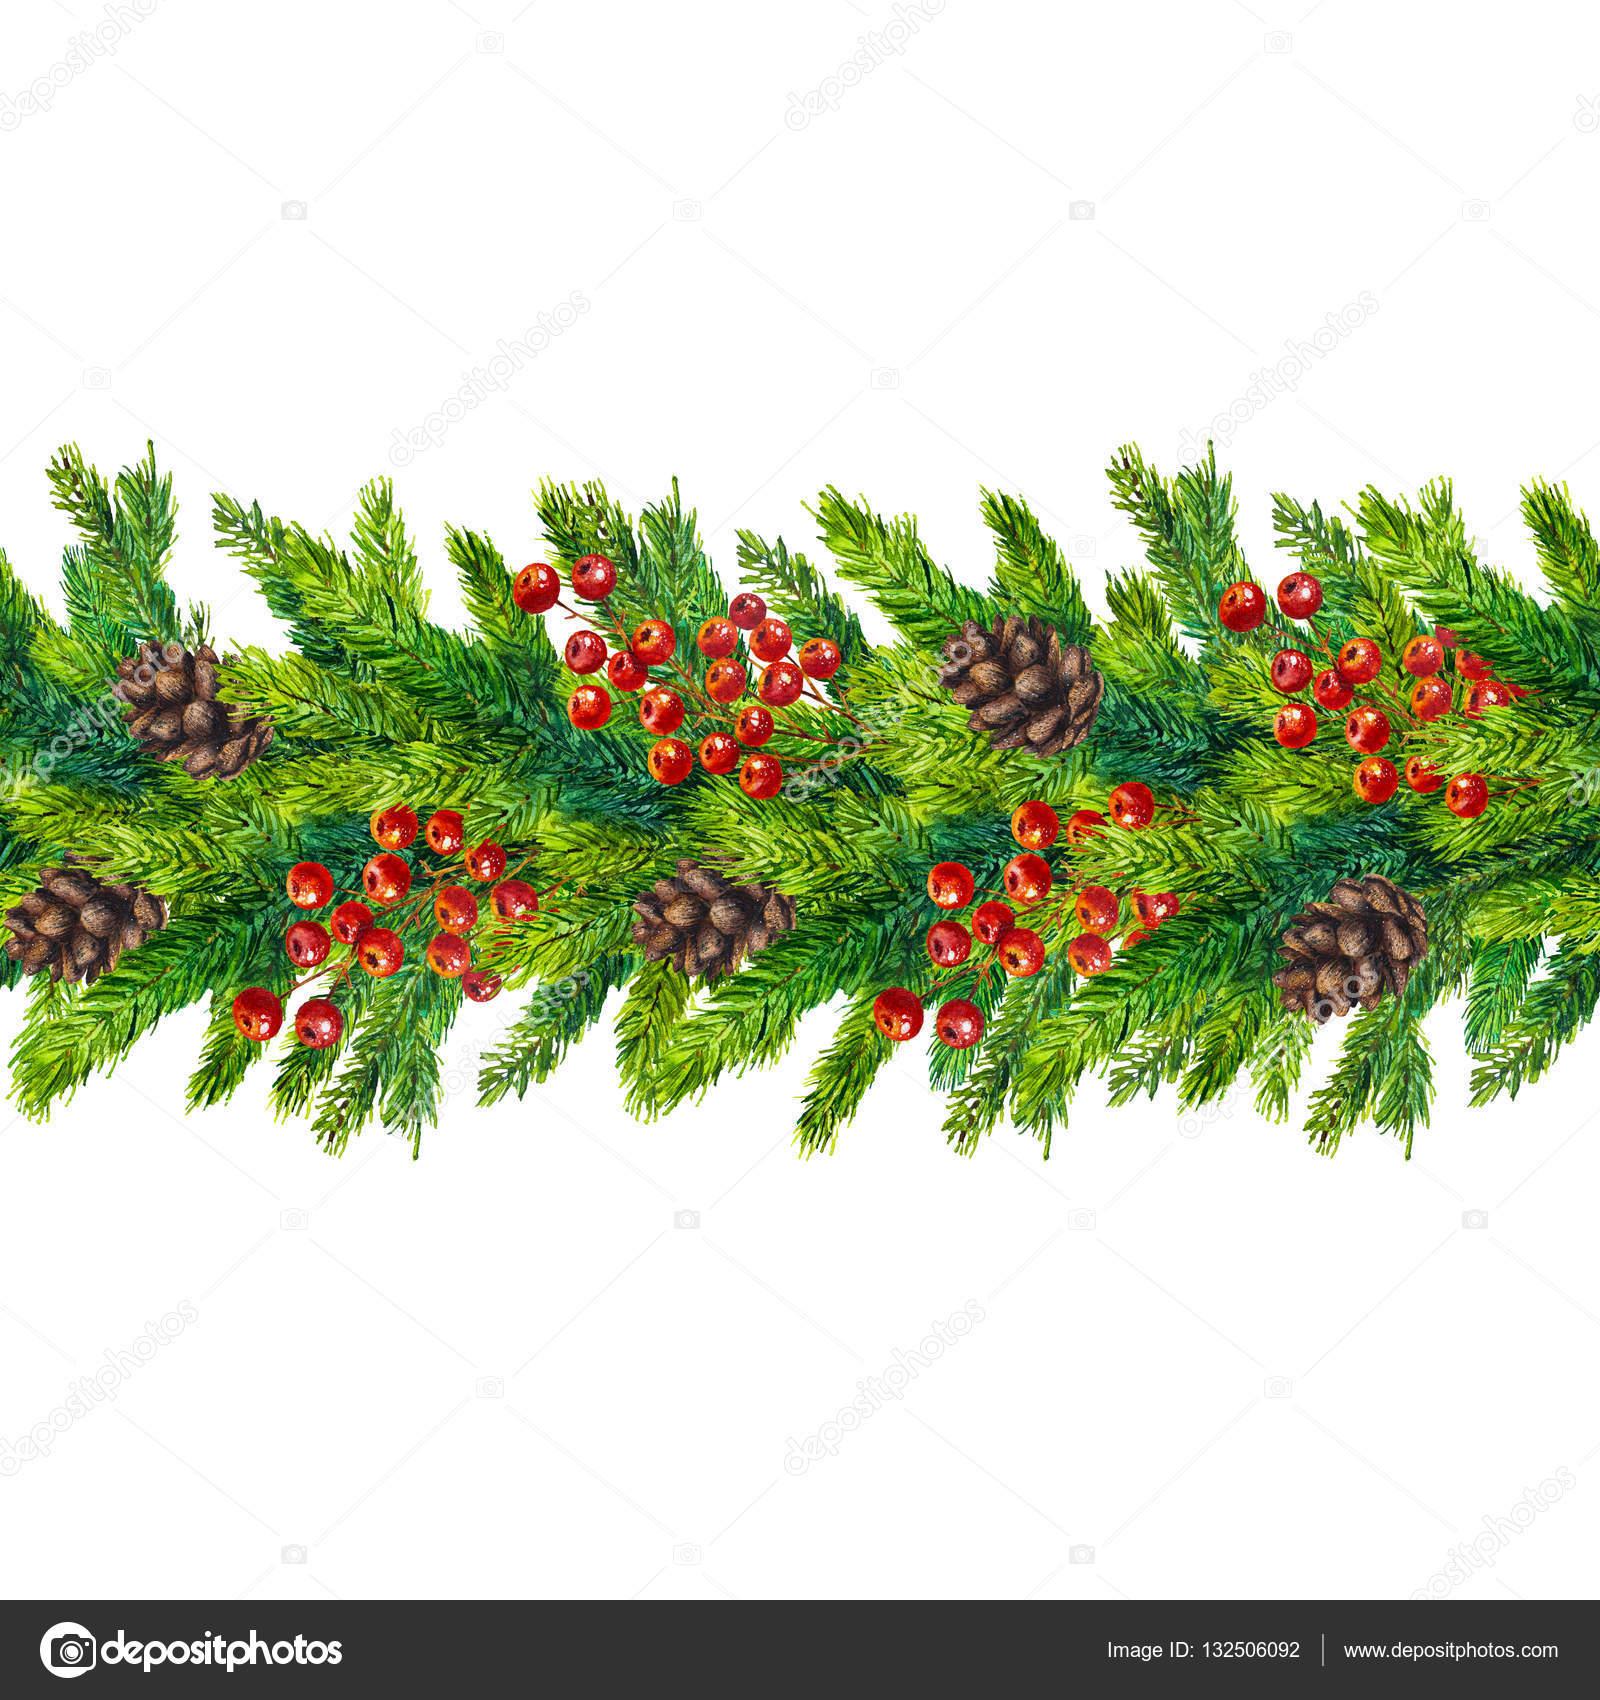 Aquarell weihnachten nahtlose grenzen von tannenzweigen zapfen und beeren stockfoto - Aquarell weihnachten ...